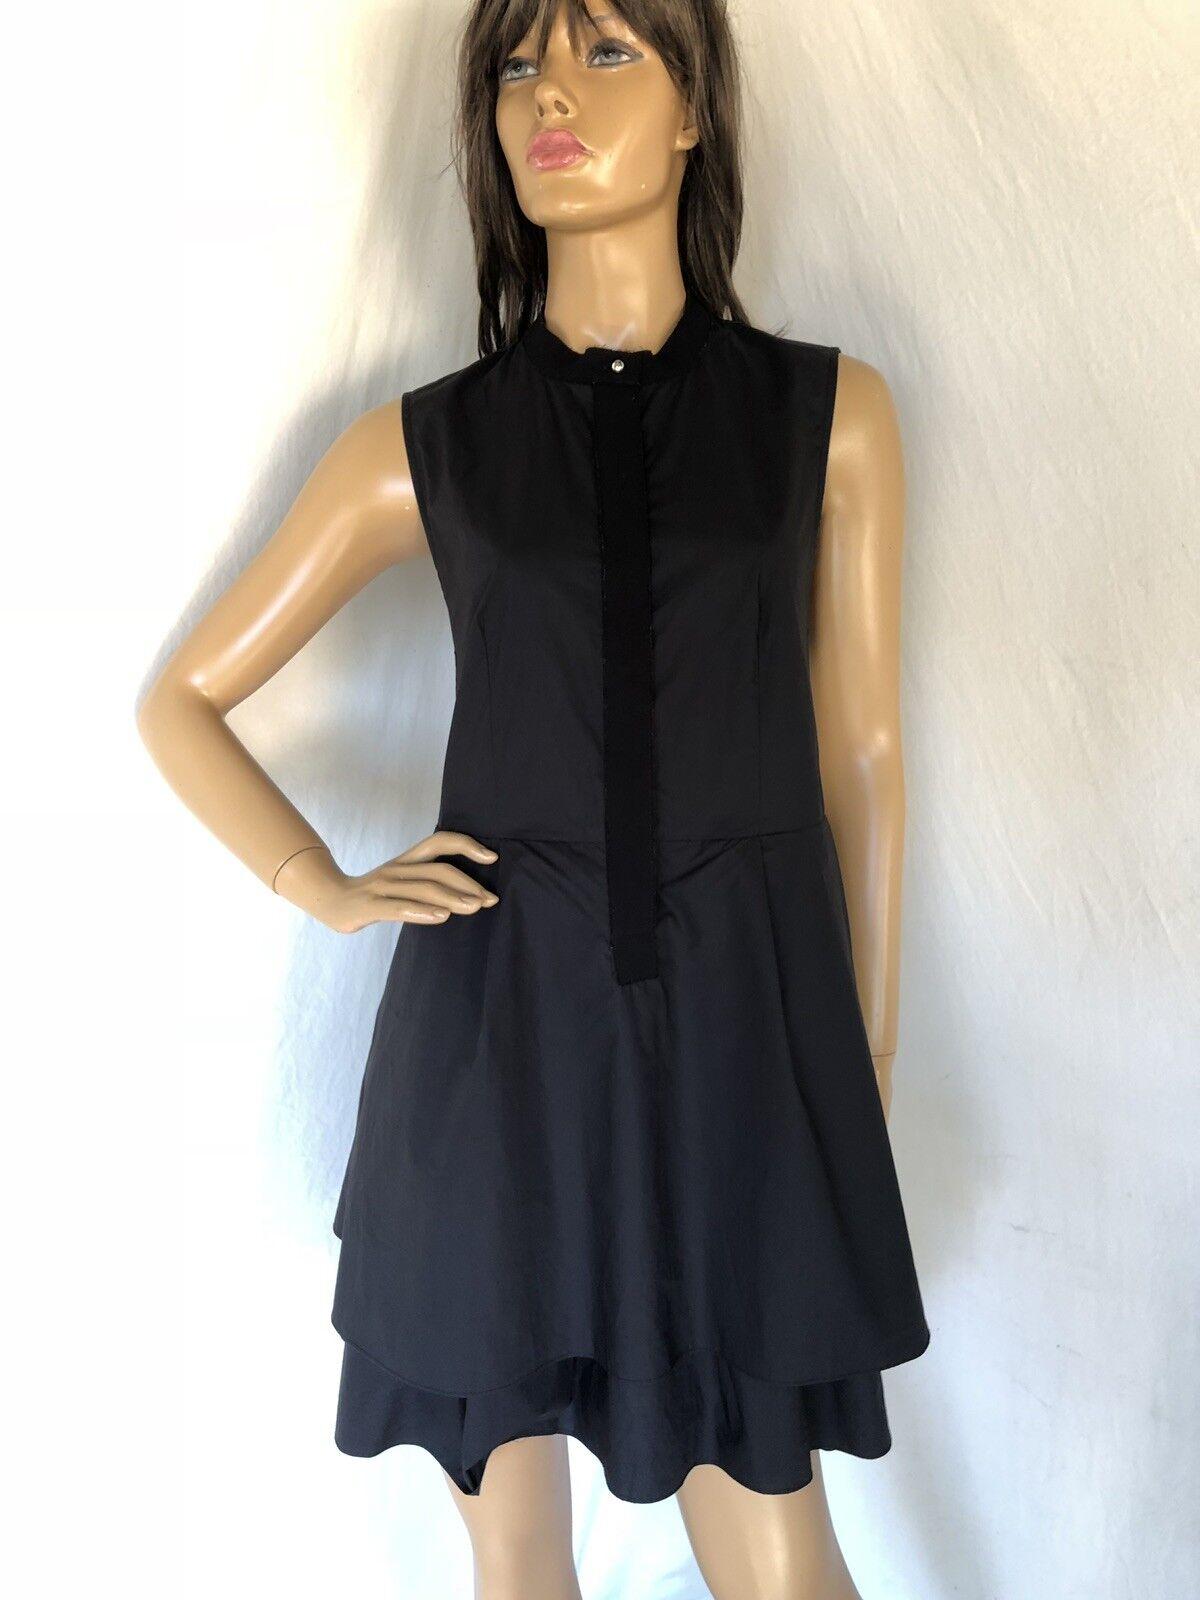 10 Crosby Derek Lam Fit n Flare Dress Größe 8 schwarz Sleeveless Cotton